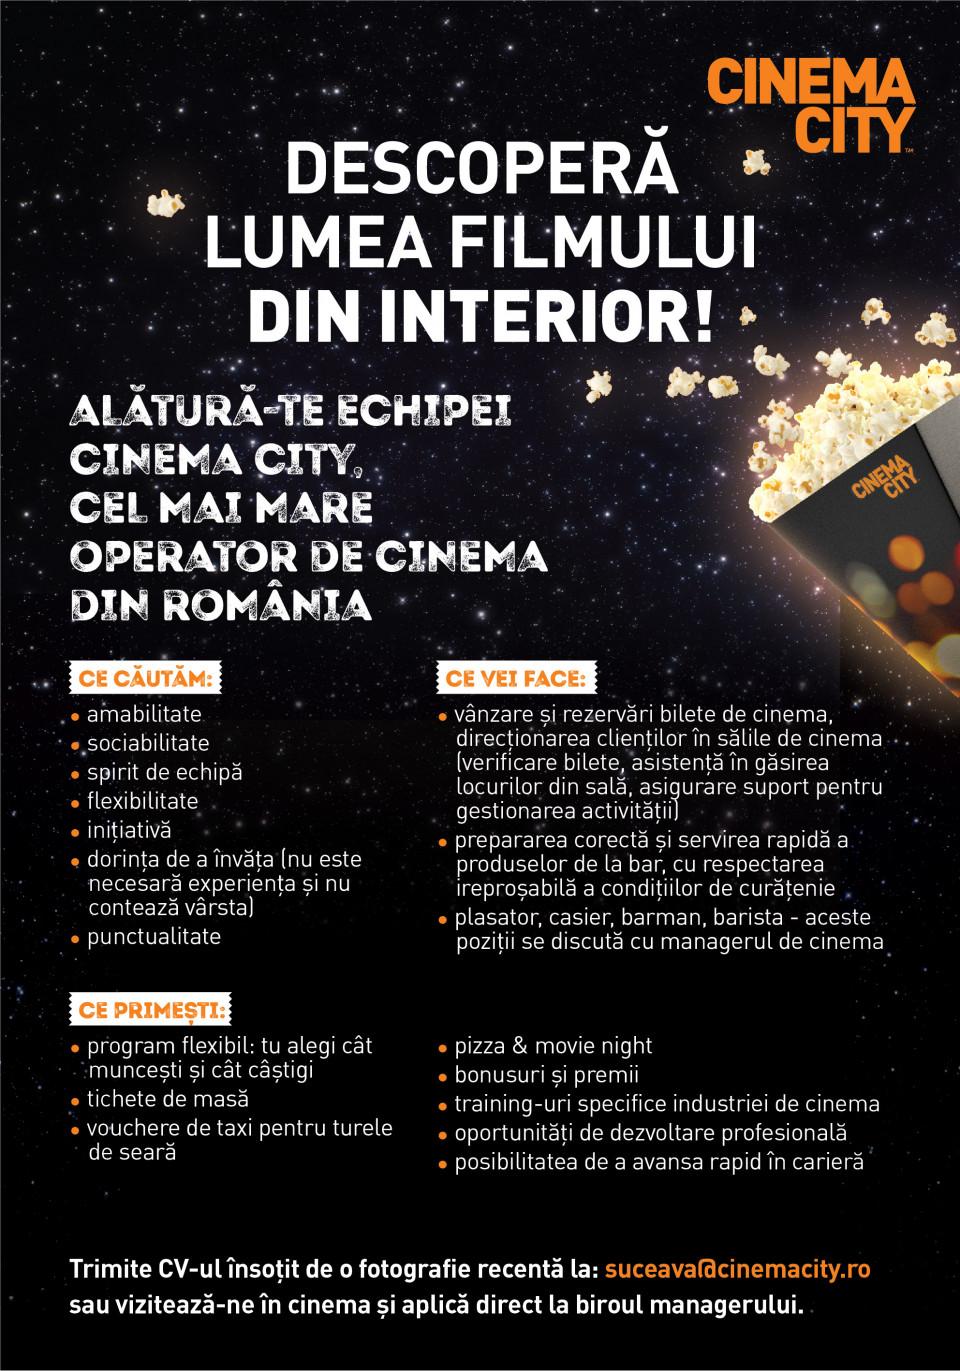 DESCOPERĂ LUMEA FILMULUI DIN INTERIOR!  Alătură-te echipei Cinema City, cel mai mare operator de cinema din România.  Cum ne dorim sa fie noul nostru coleg:  Cu atitudine pozitivă Dornic să învețe (nu este necesară experiența și nu contează vârsta) Punctual Cu bune abilități de comunicare și relaționare Amabil Să îi placă să lucreze în echipă Determinat Cu inițiativă Căutăm colegi care să descopere cu entuziasm lumea filmului din interior pentru următoarele roluri  Barman / Barista / Casier / Plasator  În funcție de rolul potrivit pentru tine, responsabilitățile generale ar putea fi:  - vânzarea de bilete și rezervări bilete de cinema, direcționarea clienților în cinema (verificare bilete, asistență în găsirea locurilor din sală, asigurare suport pentru gestionarea activității);  - preparea corectă și servirea rapidă a produselor de la bar sau cafenea, cu respectarea ireproșabilă a condițiilor de curățenie;  - întâmpinarea clienților și oferirea informațiilor corecte despre produsele noastre;  Barman / Barista / Casier / Plasator – aceste poziții se discută în cadrul interviului.  Ce îți garantăm:  - Program flexibil (tu alegi cât muncești și cât câștigi) - Tichete de masa - Pizza & Movie night - Bonusuri și premii - Training-uri specifice industriei de cinema - Vouchere de taxi pentru turele de seară - Oportunități de dezvoltare profesională - Posibilitatea de a avansa rapid în carieră  Punem accent pe dezvoltarea oamenilor și ne dorim ca fiecare coleg să fie foarte bine pregătit profesional existând șanse de promovare. Dezvoltă și tu o carieră în industria de cinema!  Trimite CV-ul insotit de o fotografie recenta la: suceava@cinemacity.ro sau viziteaza-ne in cinema si aplica direct la biroul managerului.  Te așteptăm cu drag! Descoperă lumea filmului din interior!Alătură-te echipei Cinema City, cel mai mare operator de cinema din România, parte din Cineworld, al doilea mare lanț de cinematografe din lume!Ne dorim să fim cel mai bun loc unde se vizionează filmele ș